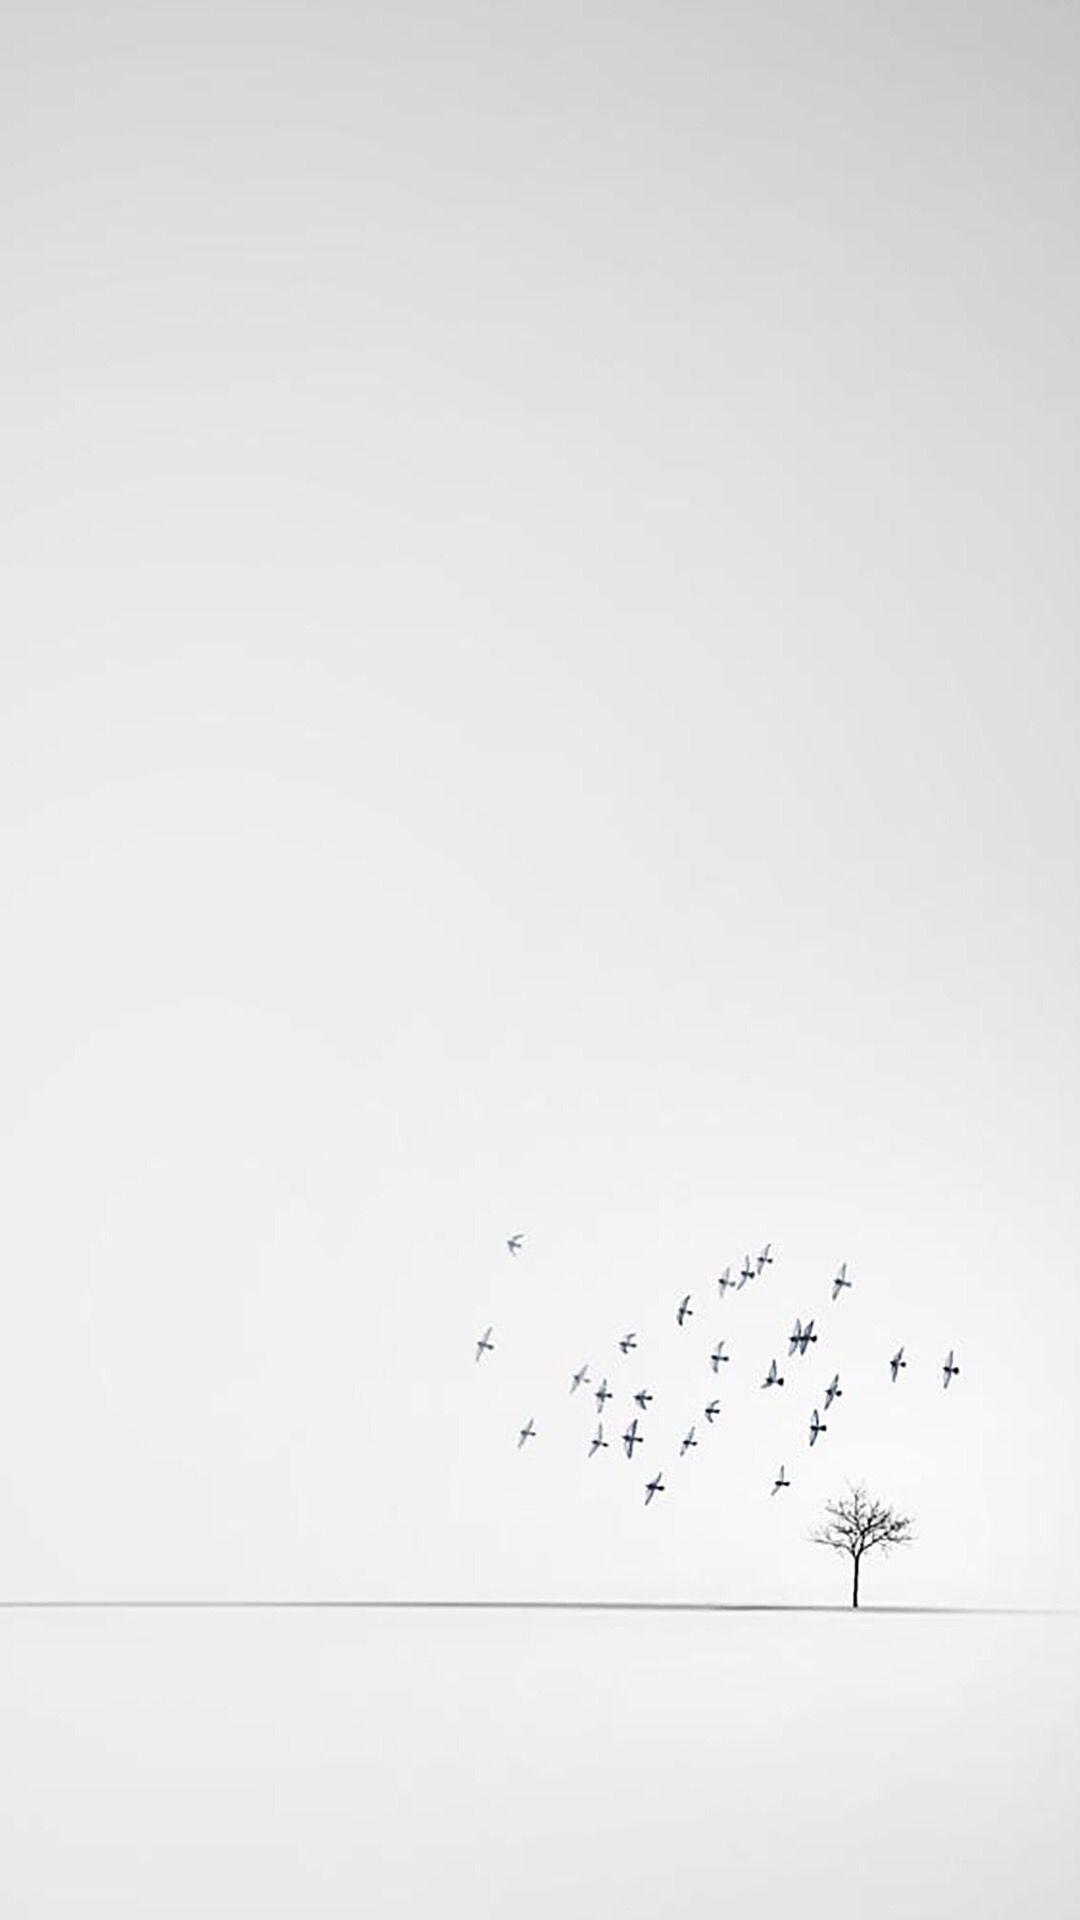 iPhone Minimalistic White   Wallpaper Minimalist wallpaper 1080x1920